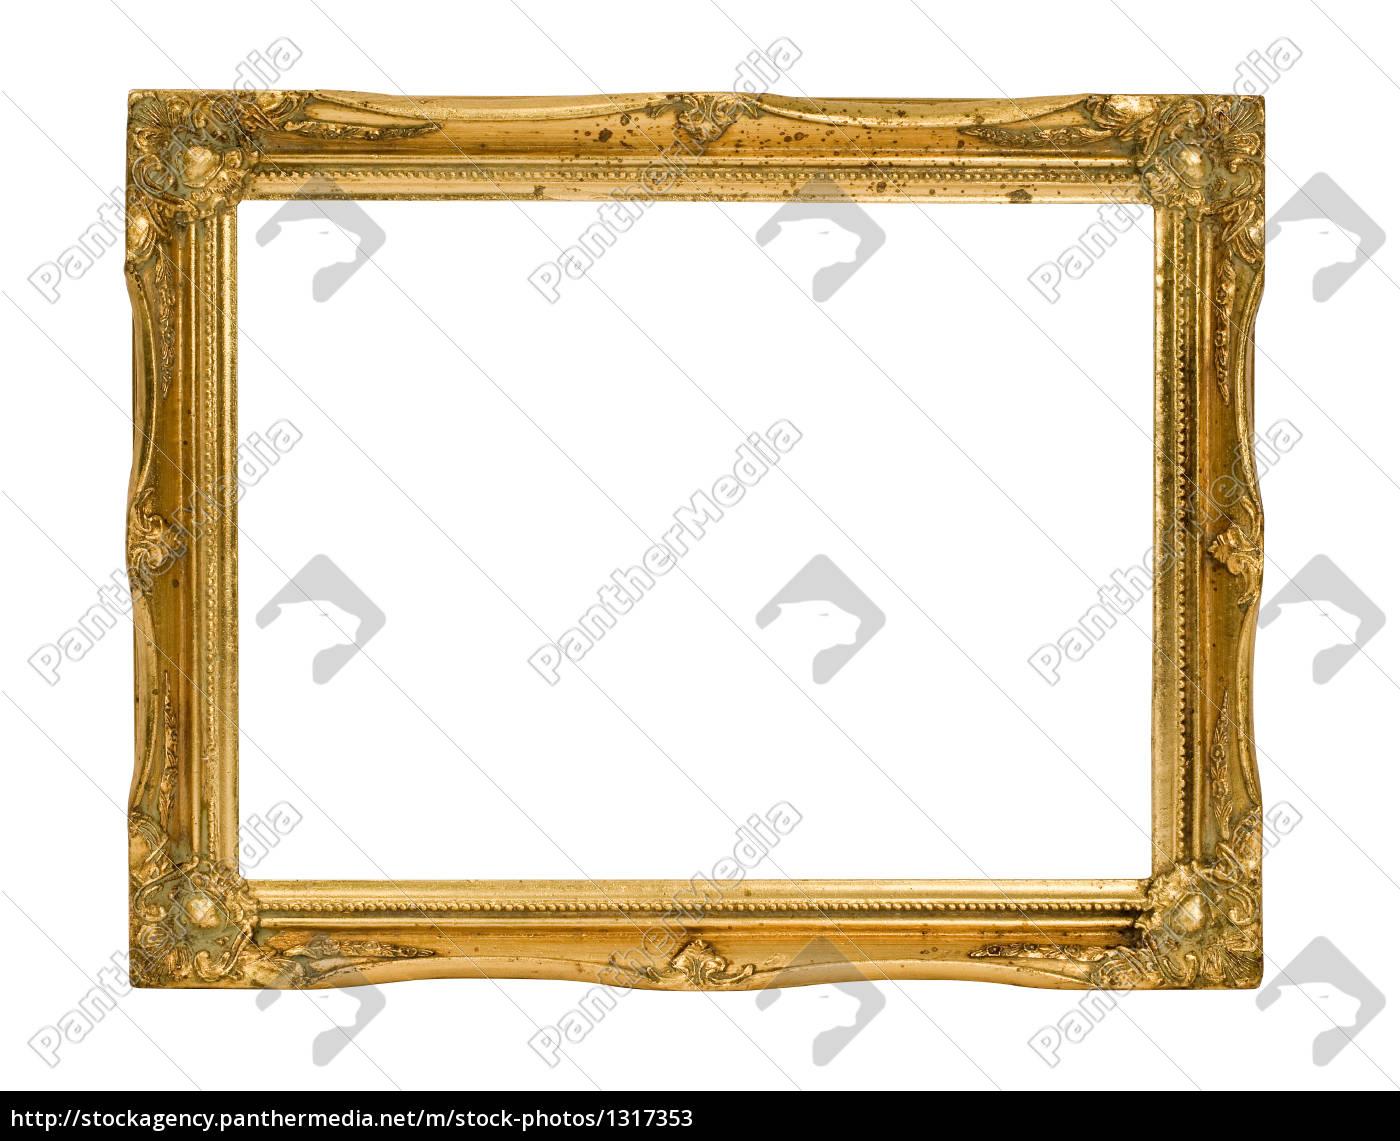 gold, frame, 1 - 1317353